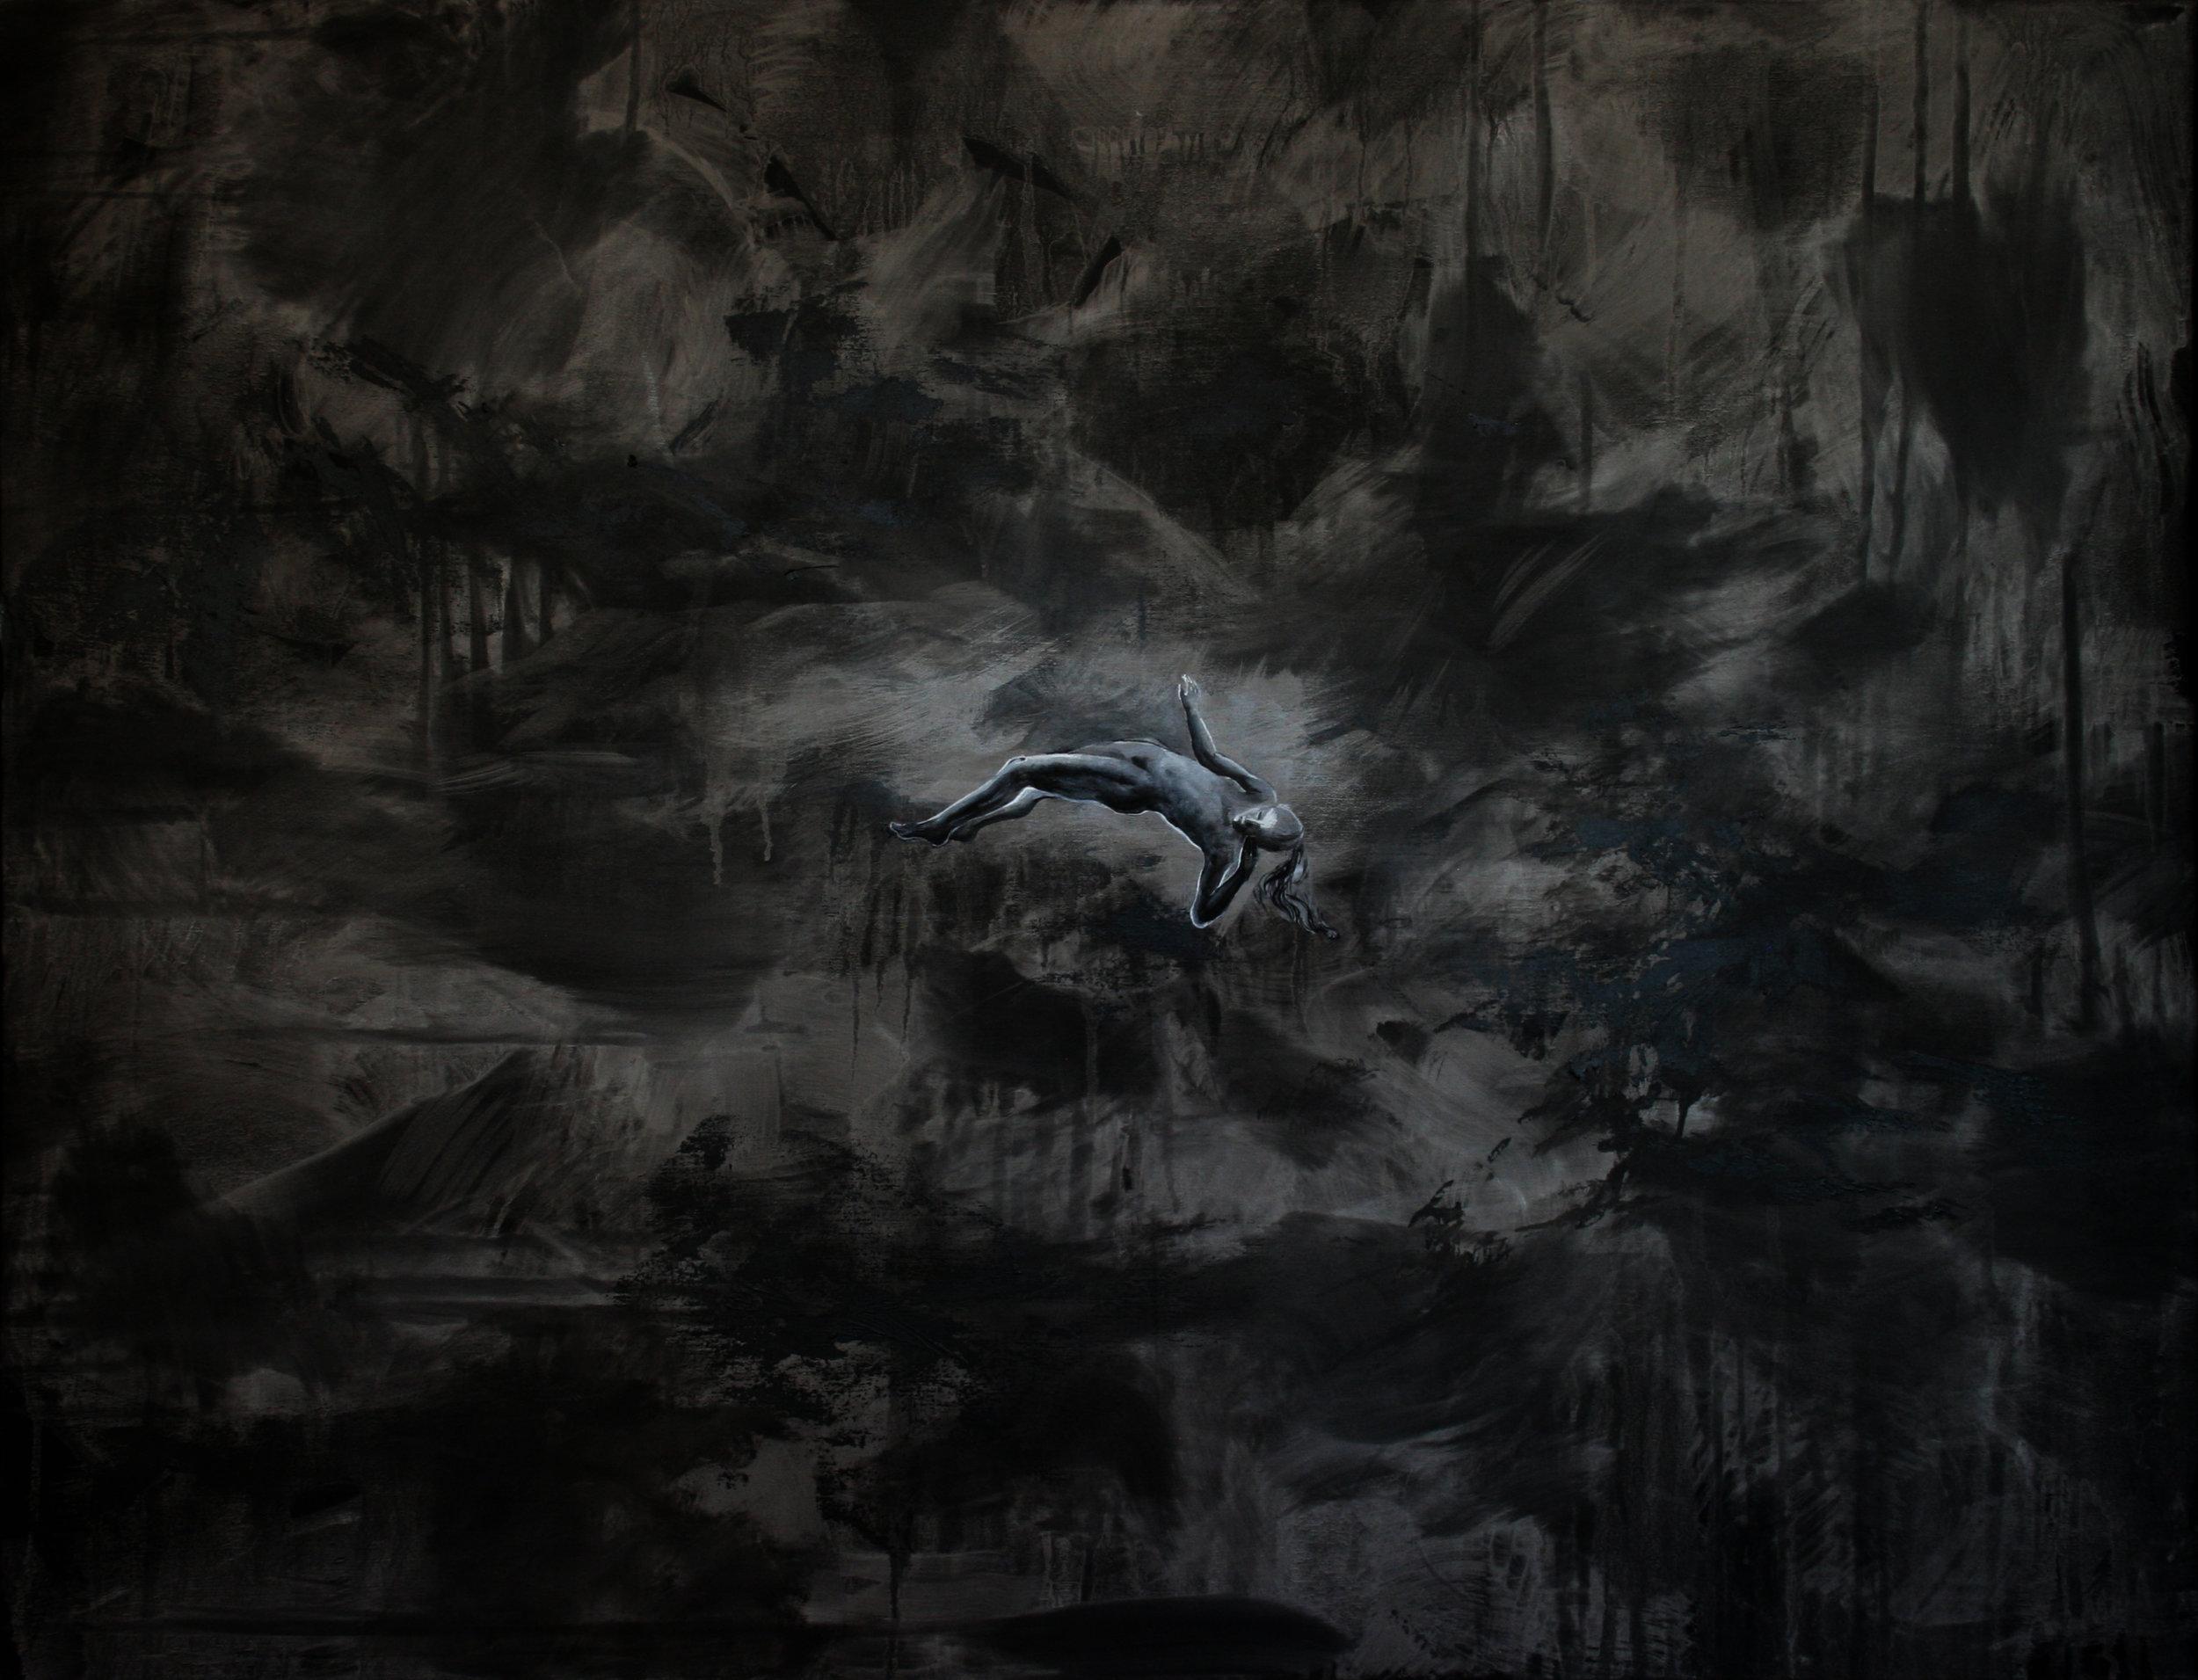 06_Podroz_na_peryferia_kosmosu 130x100cm_akryl__grafit_plotn_2016.JPG